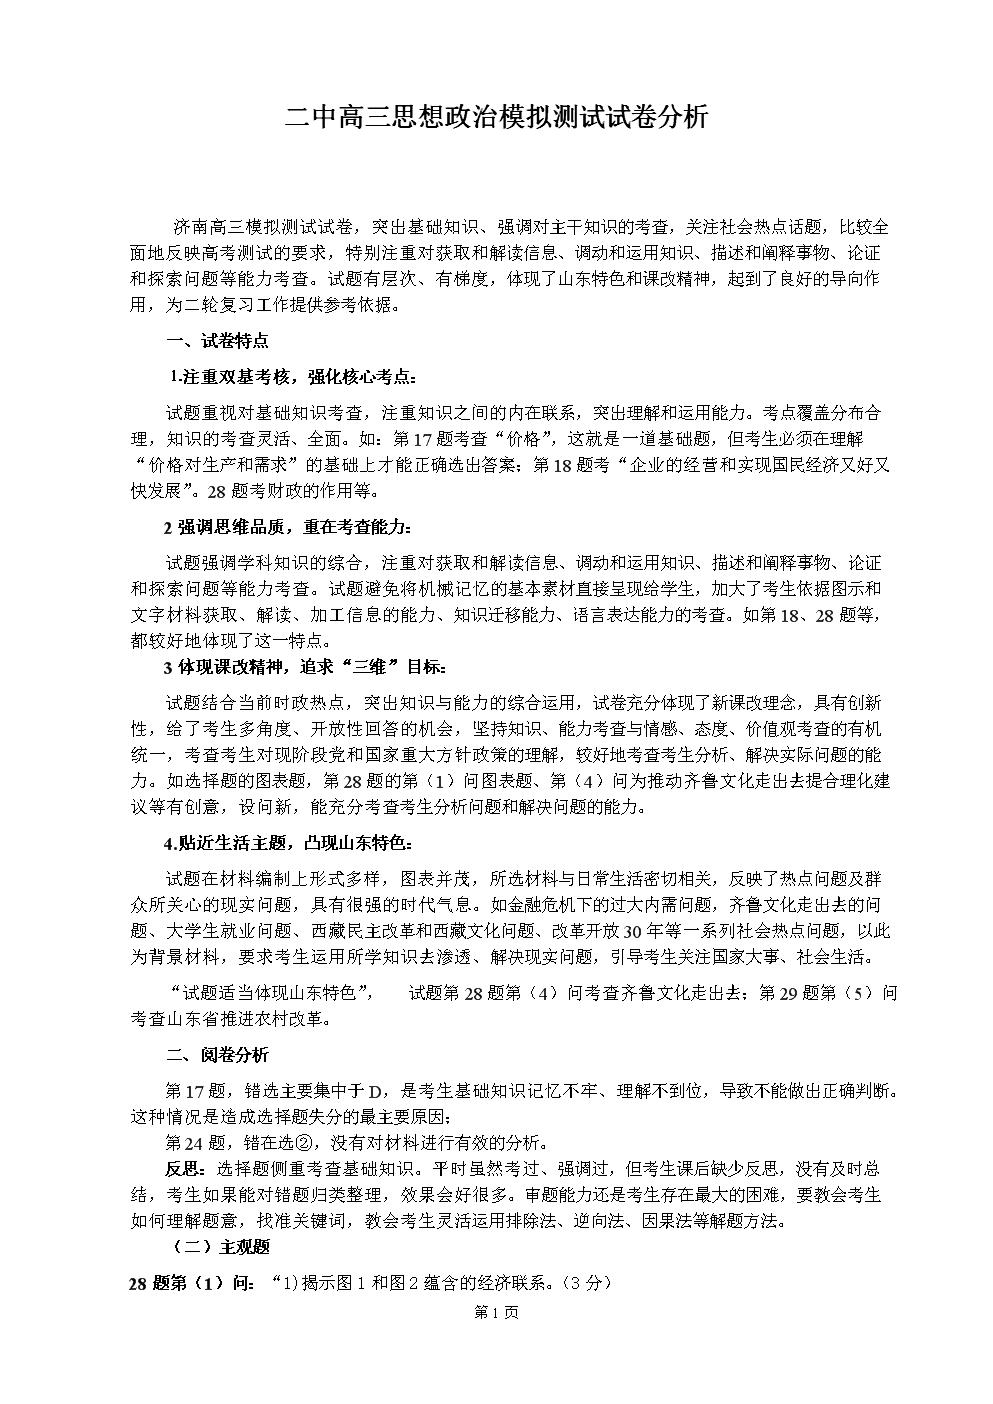 二中高三思想政治模拟测试试卷分析.doc